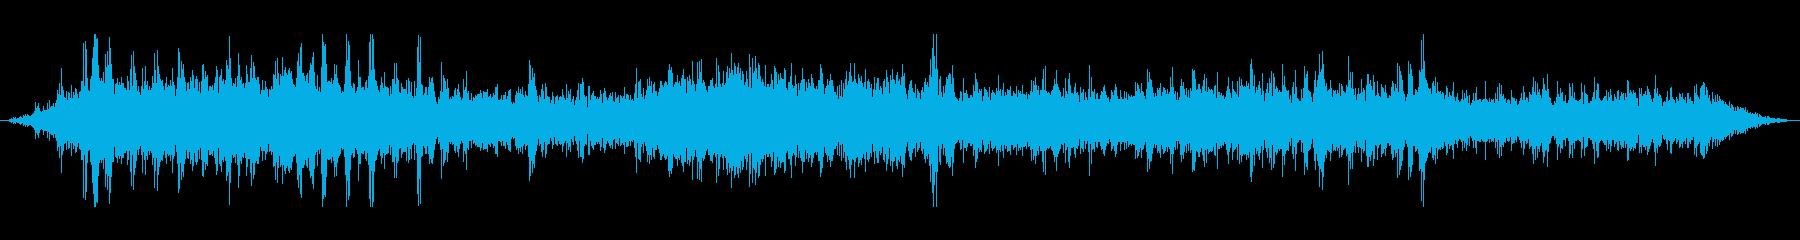 地下鉄の車のクランクの再生済みの波形